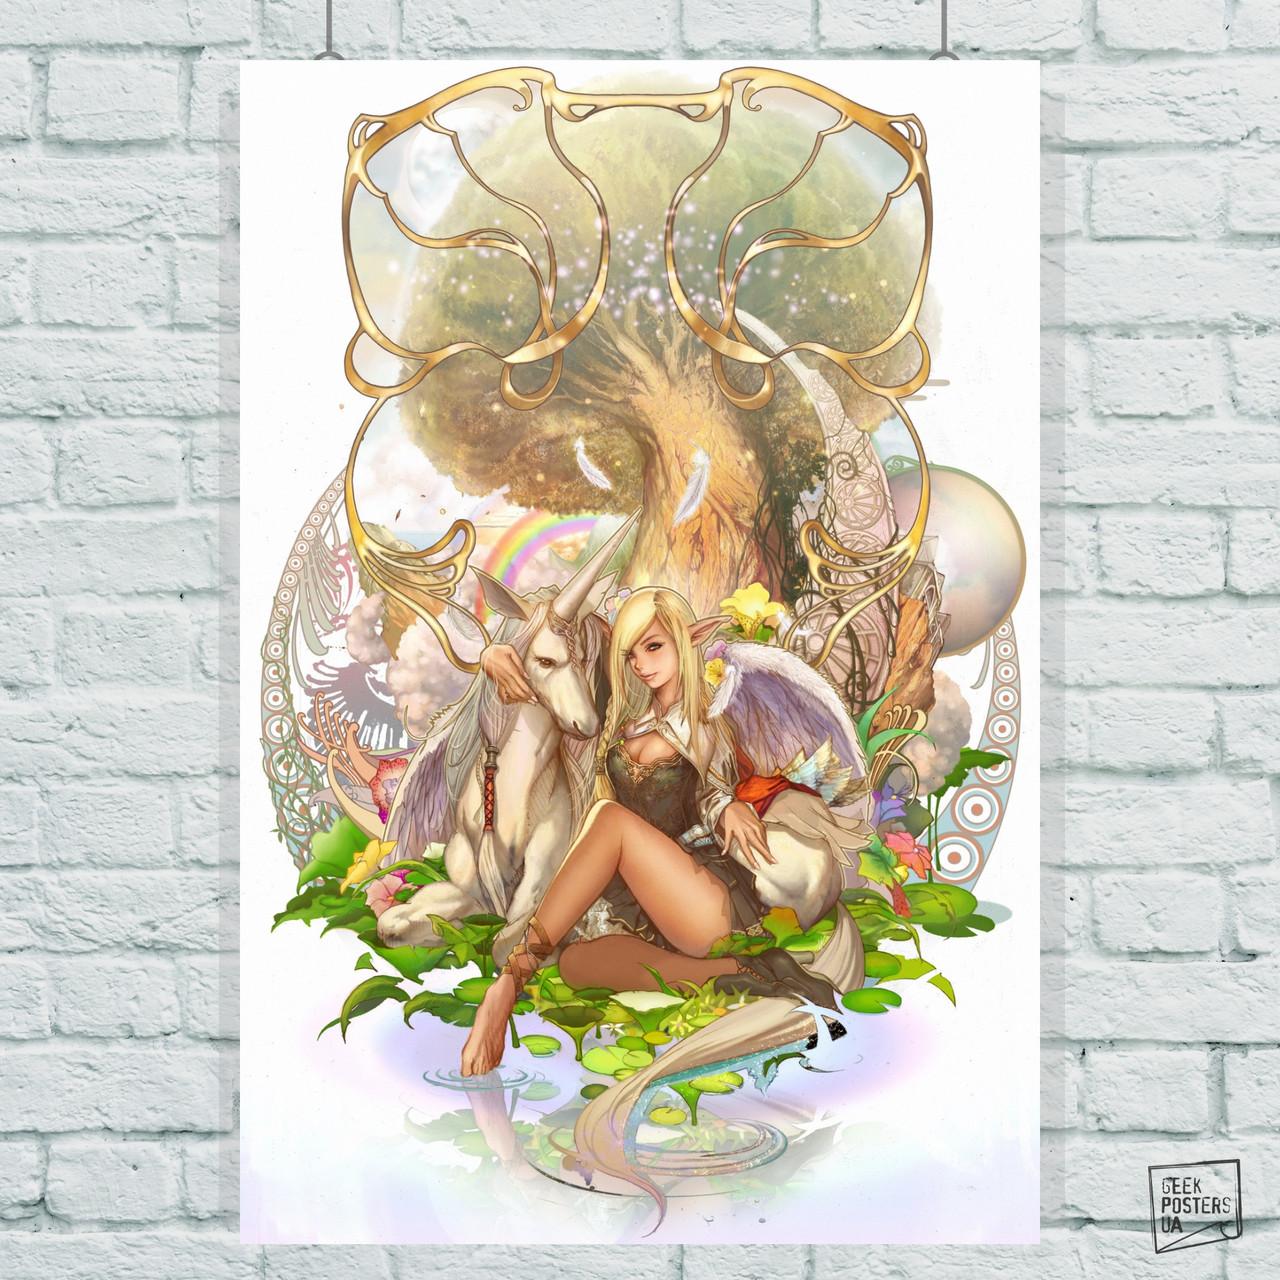 Постер Единорог и эльфийка. Размер 60x42см (A2). Глянцевая бумага